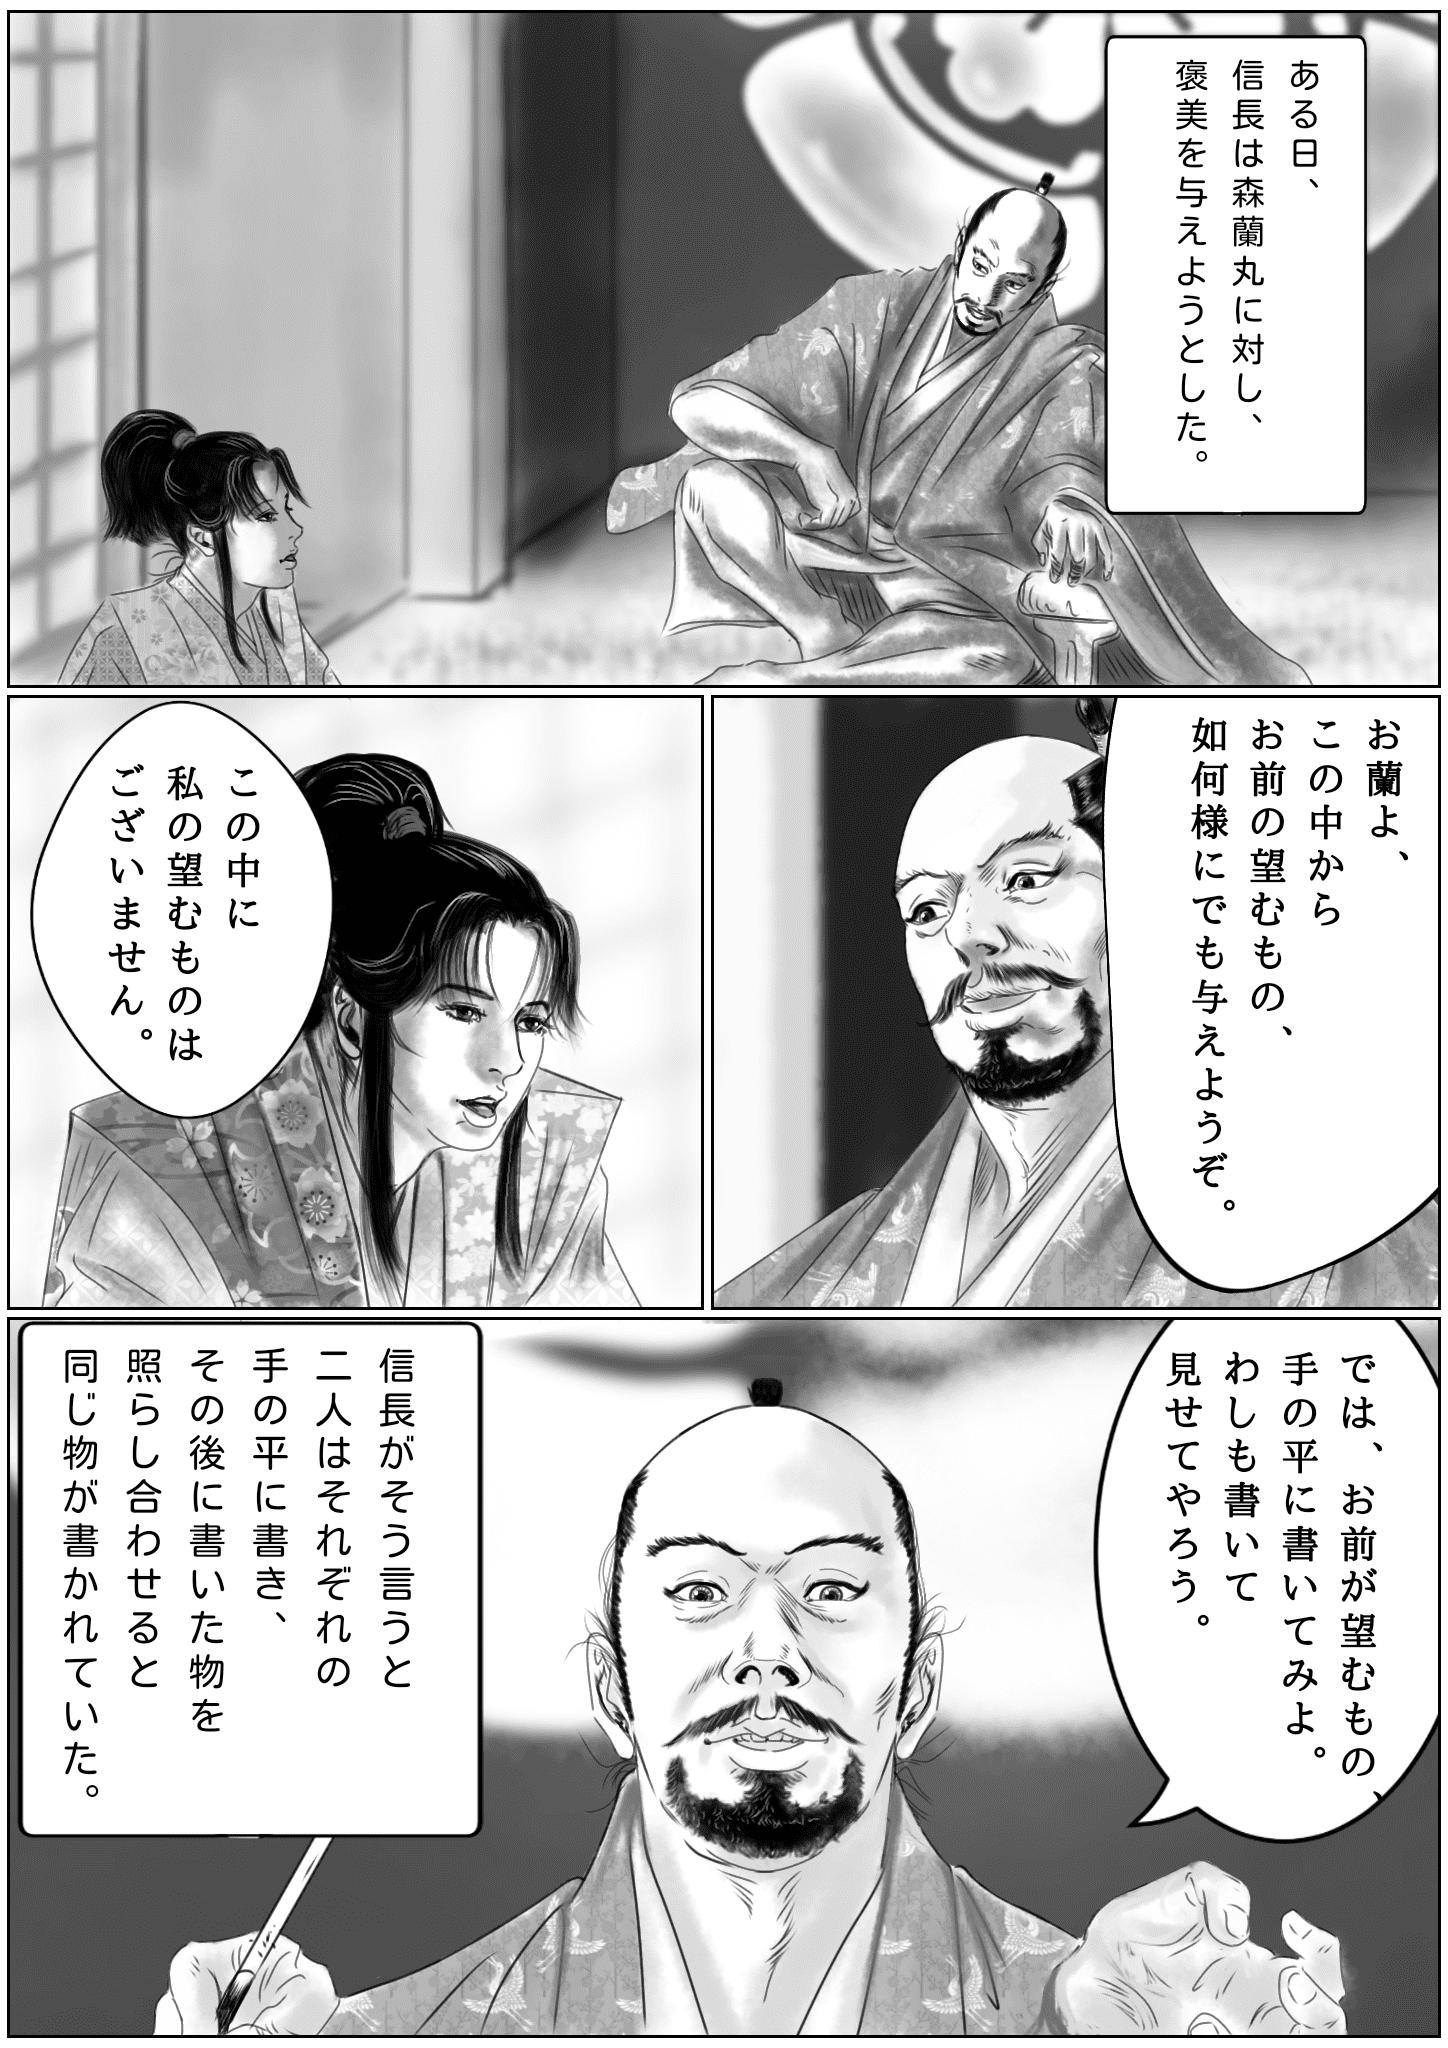 福島正則、島津義弘の突撃に後ろを見せず 1ページ